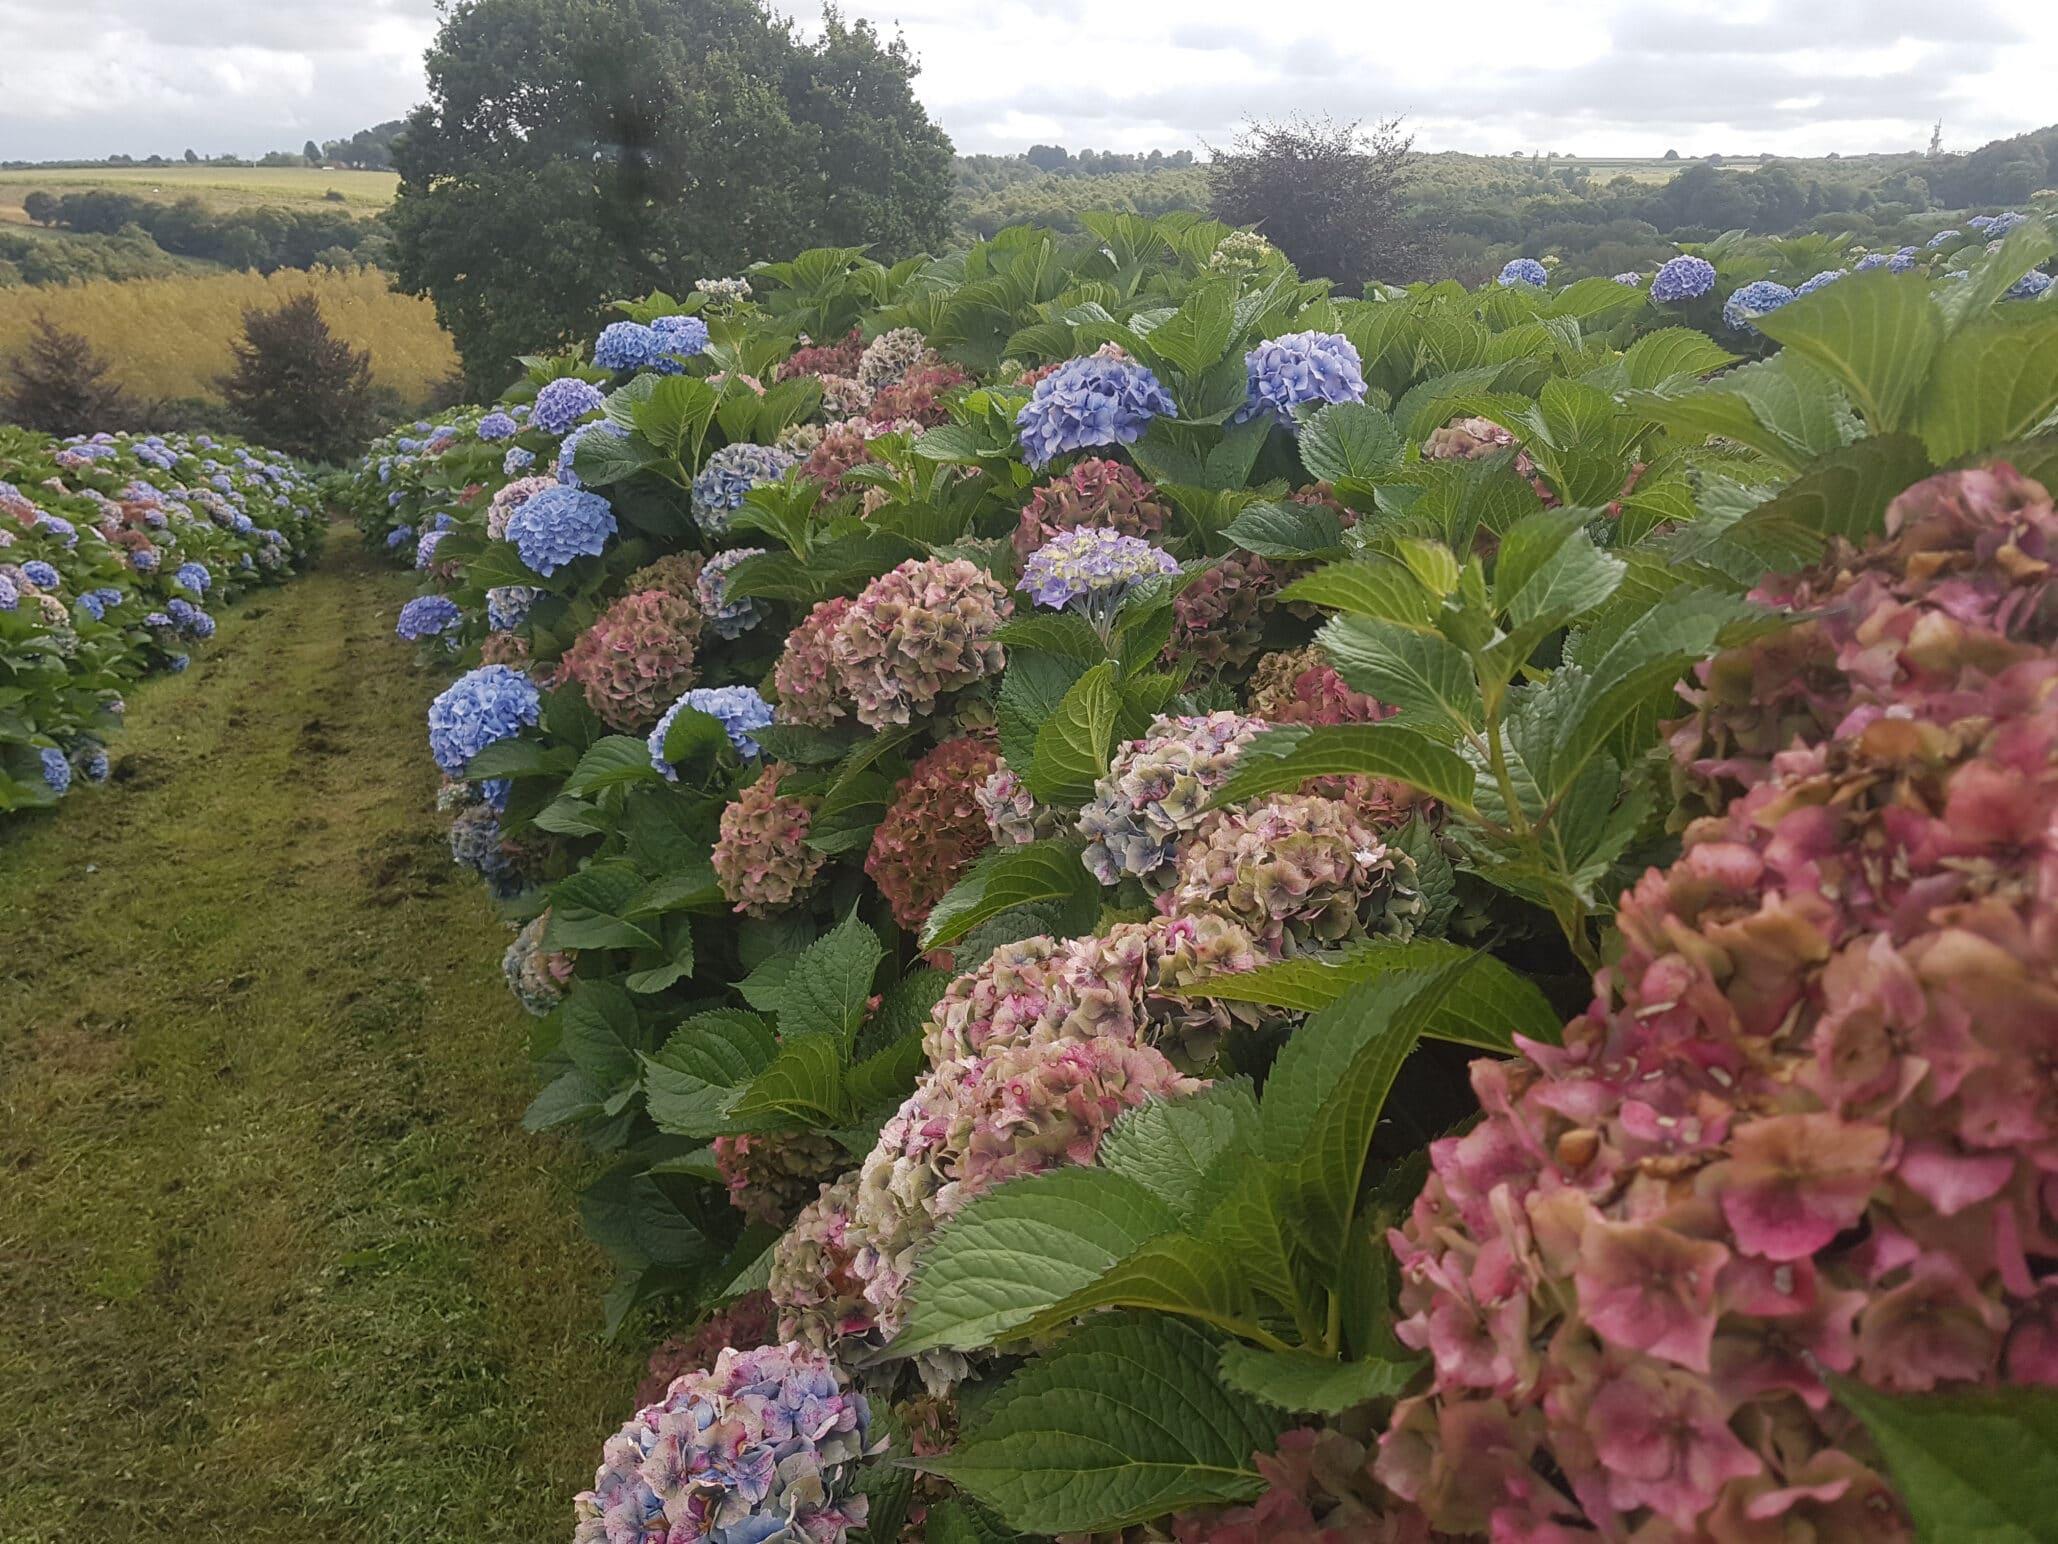 Jardin Hortence Fields